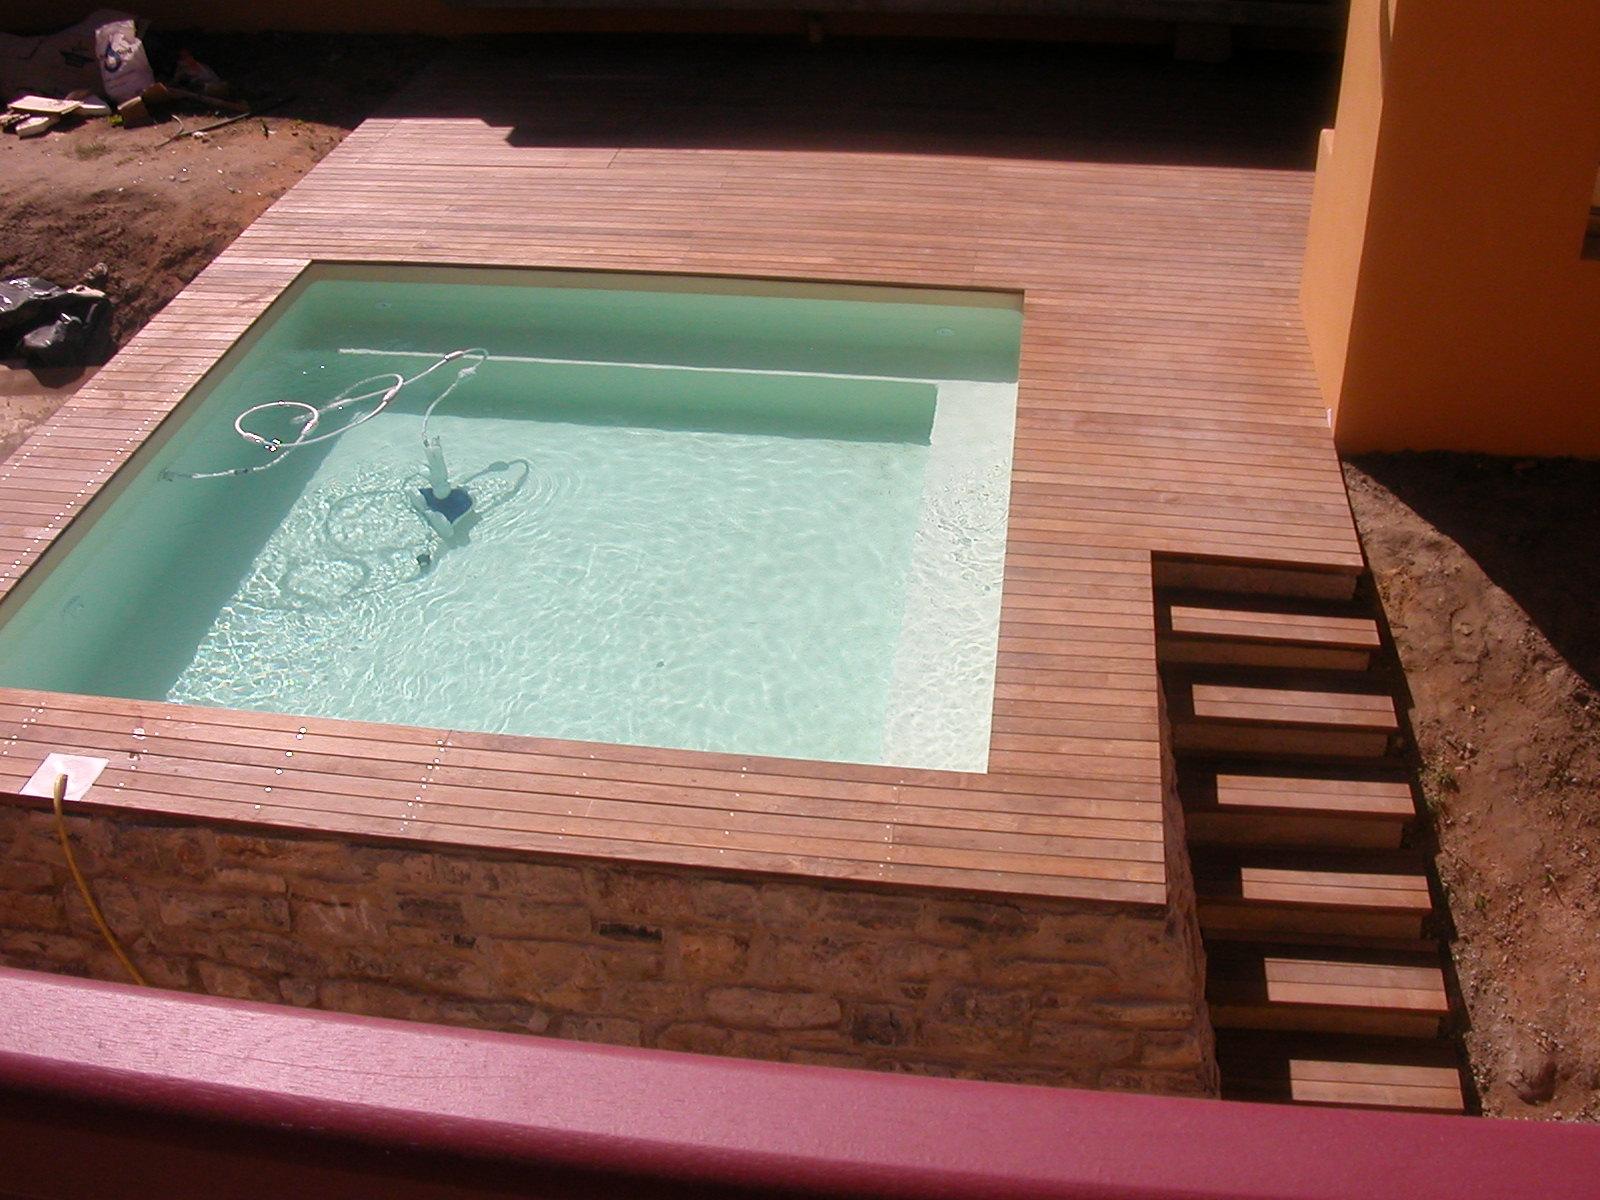 Conseils professionnels pour monter votre piscine for Nettoyage dalle piscine